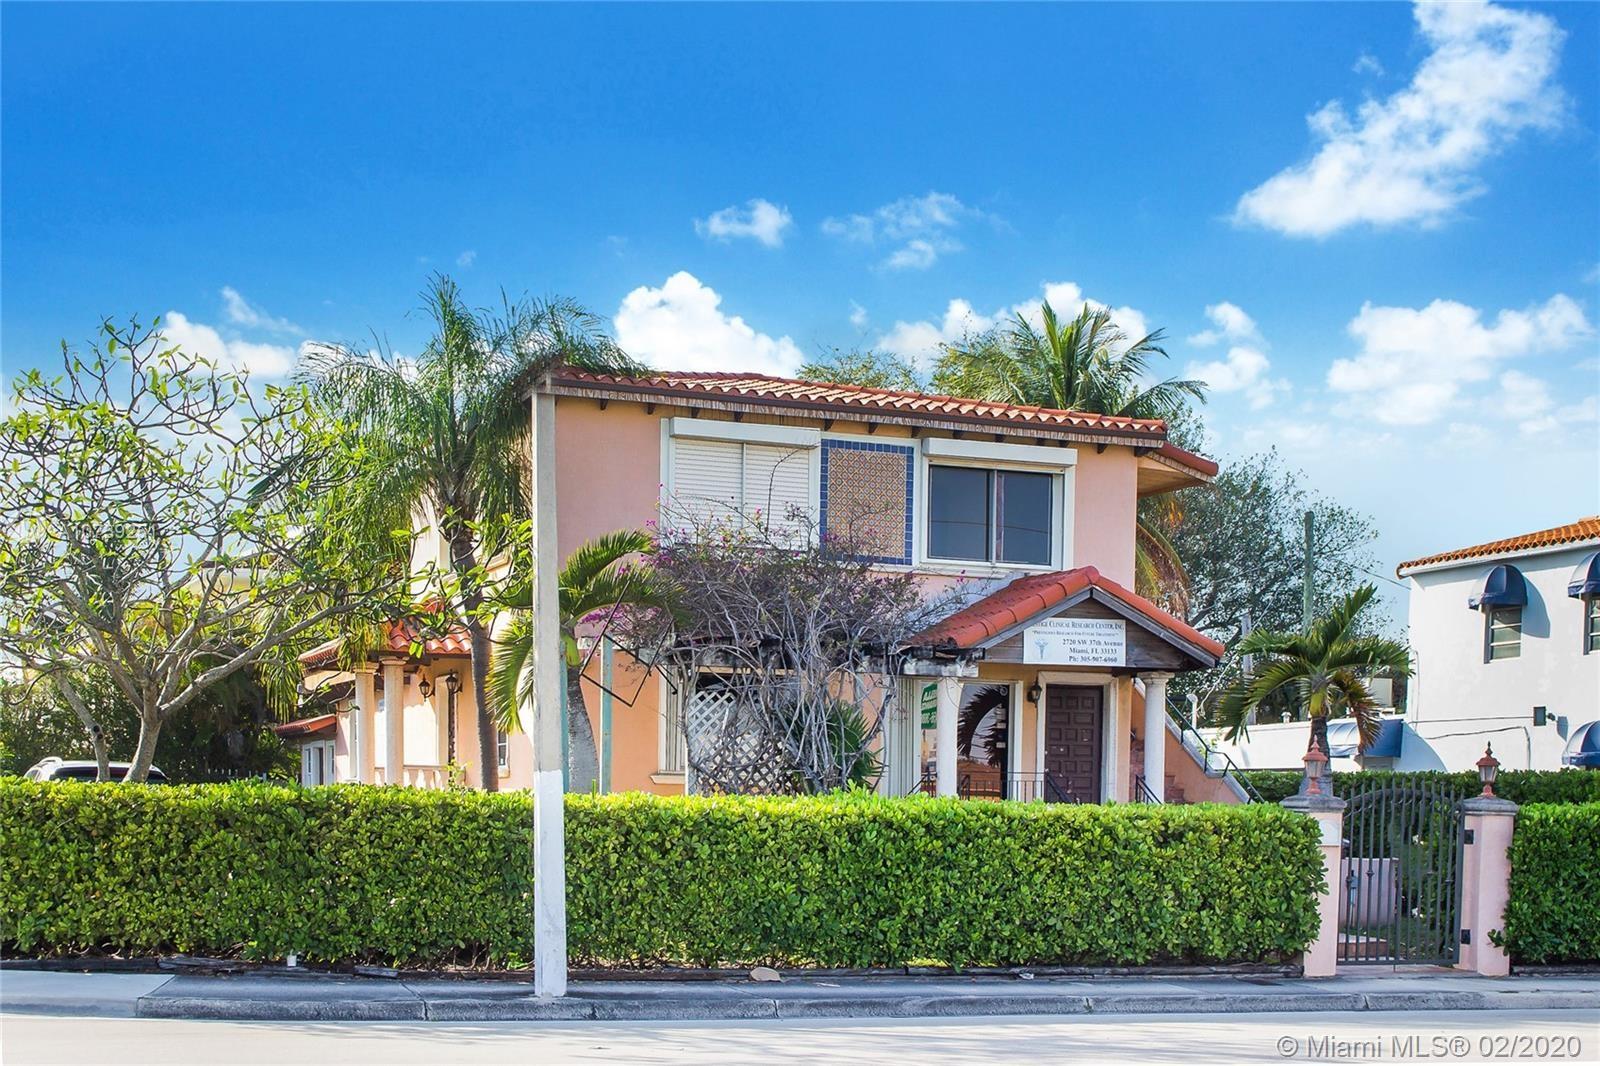 2720 SW 37th Ave, Miami, FL 33133